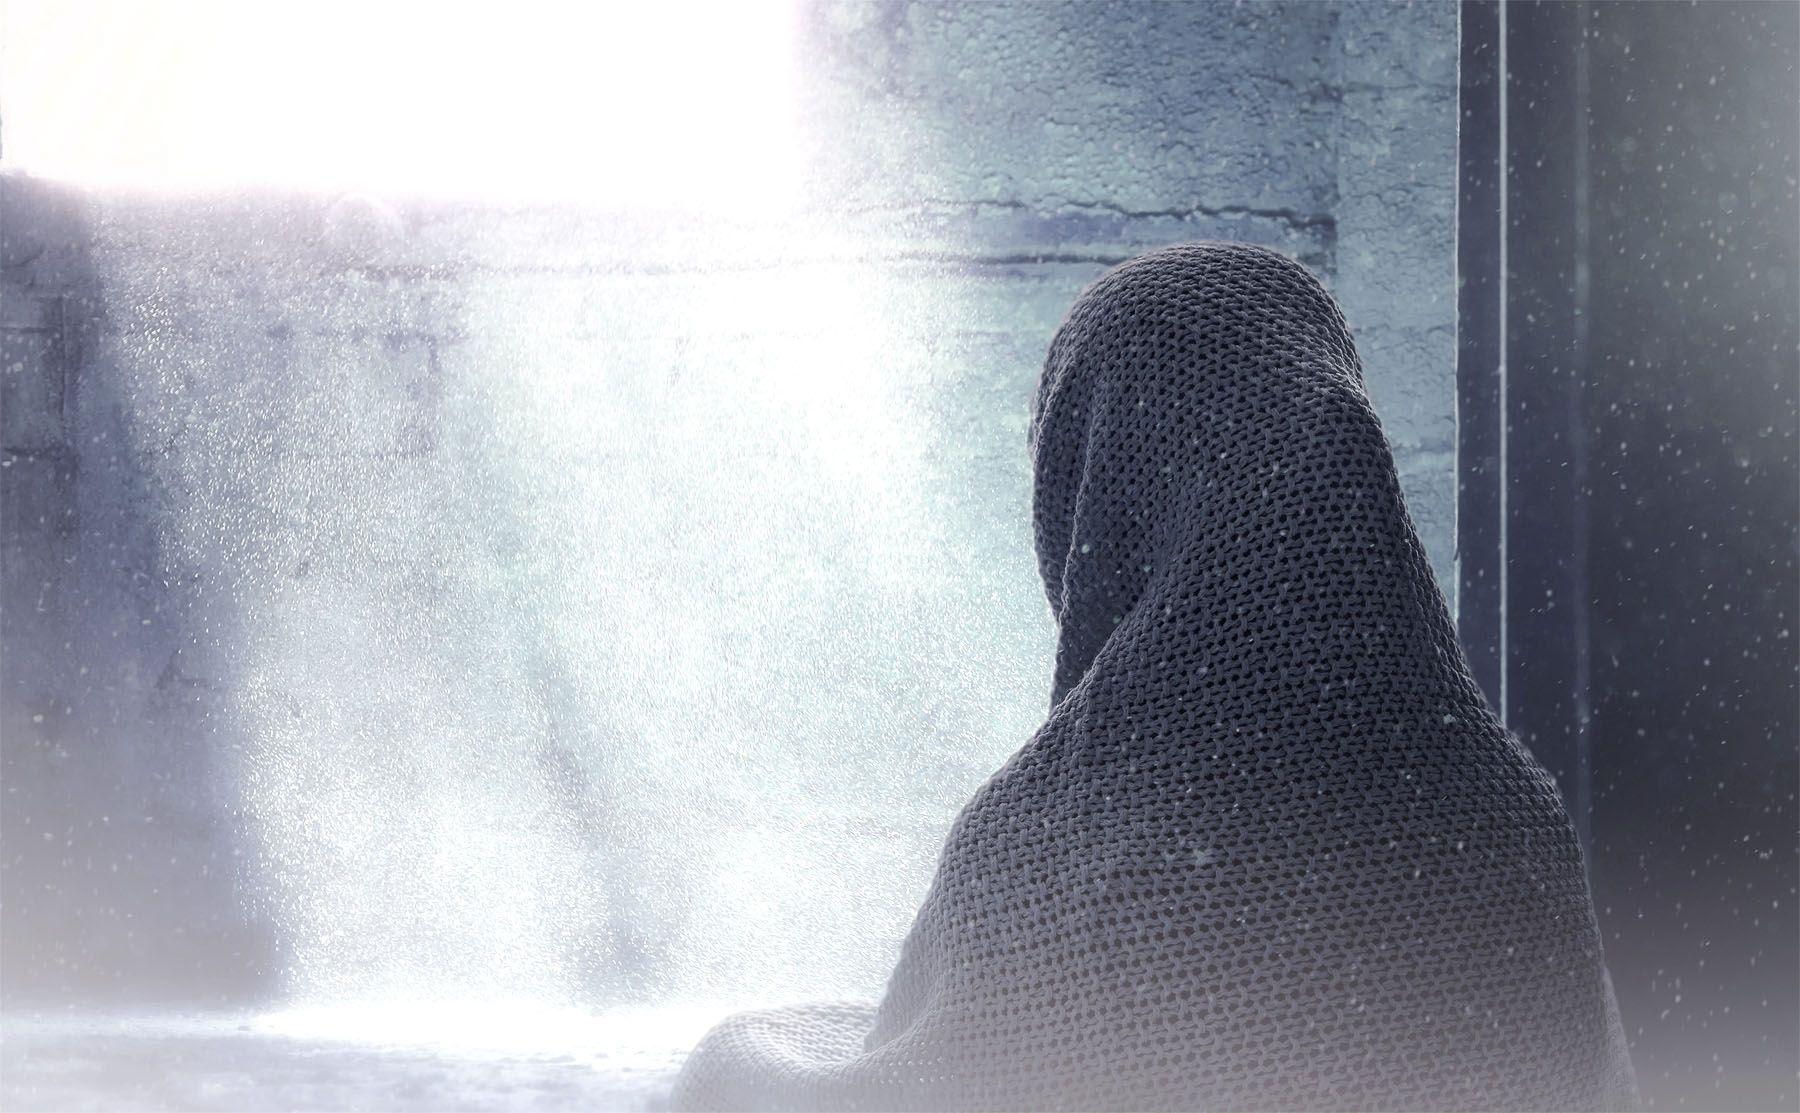 Yksinäisyyden käsittely on puutteellista